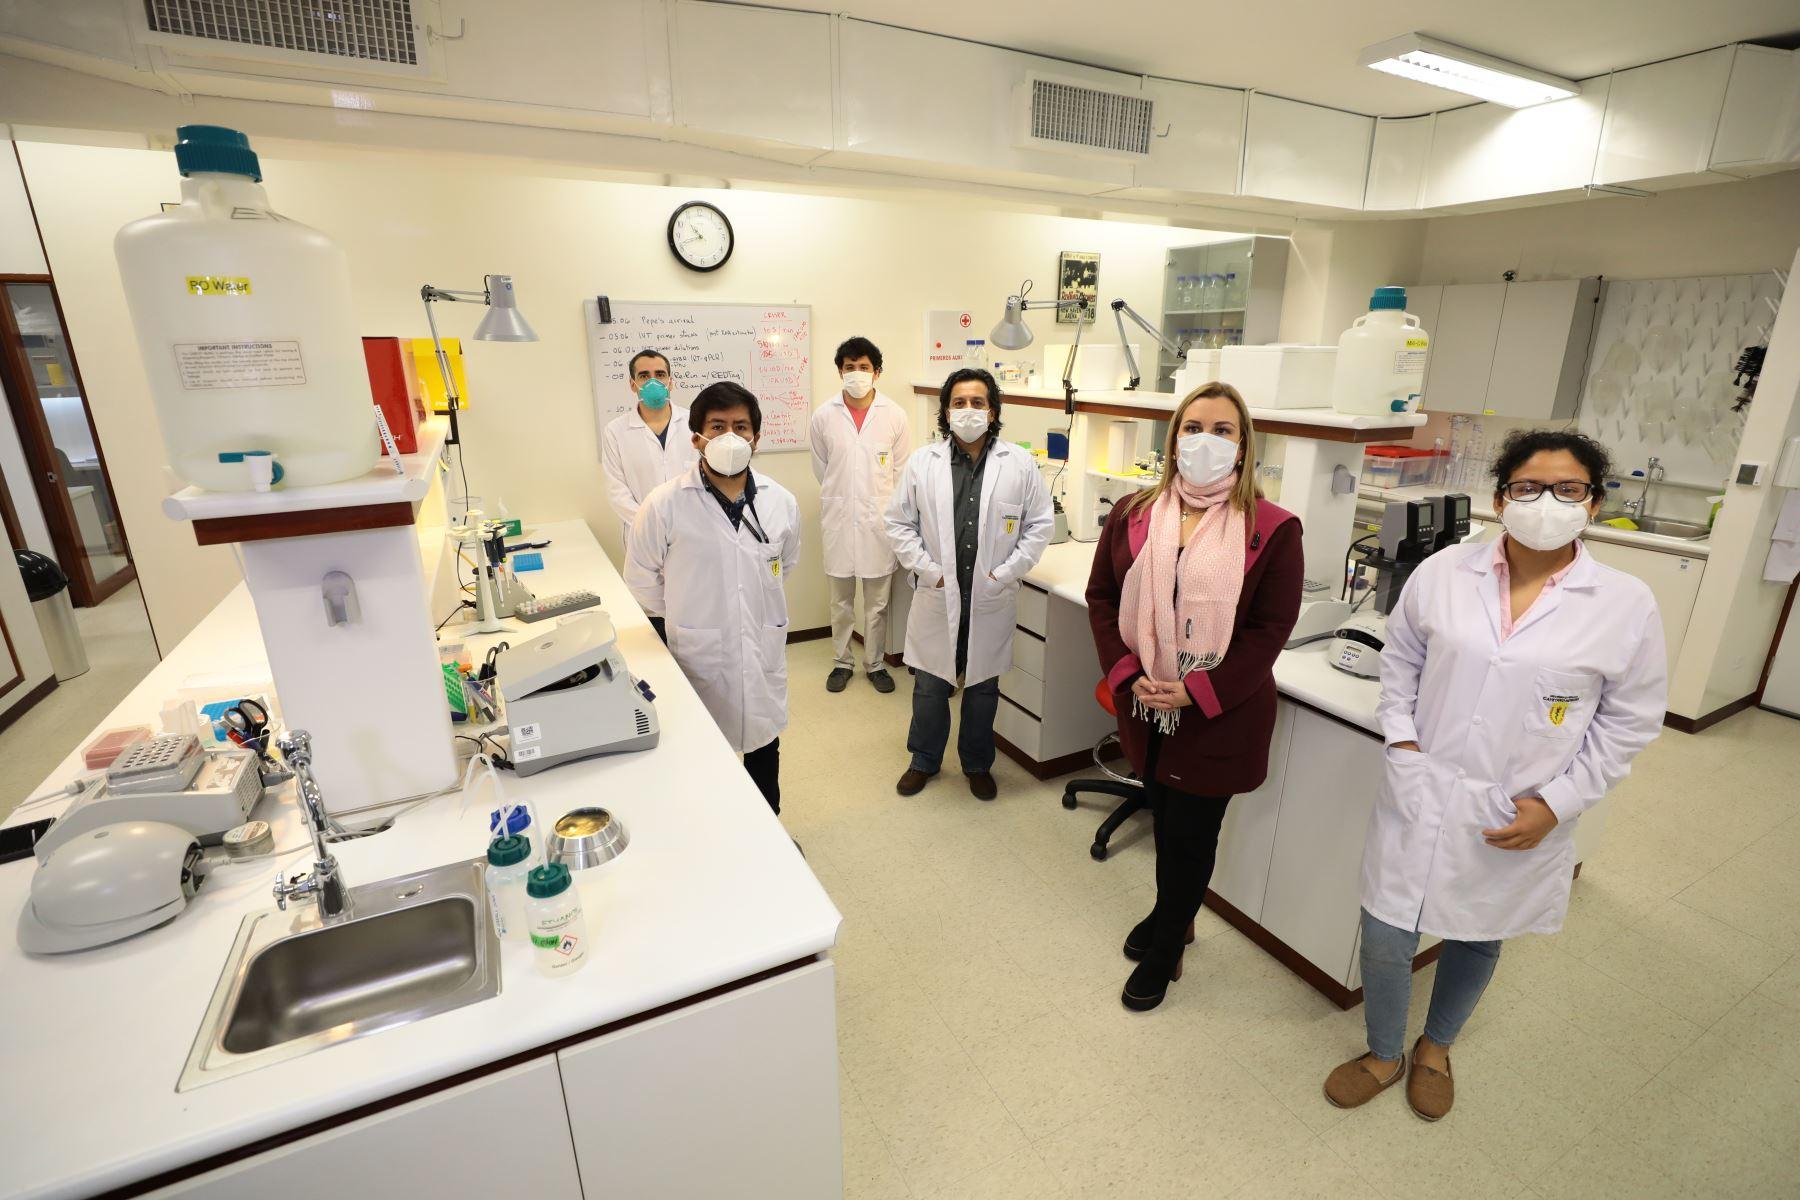 Fiorella Molinelli visitó el laboratorio de Neurobiologia de la Universidad Cayetano Heredia, donde su director, Edward Málaga-Trillo presentó la prueba molecular rápida para detectar Covid-19. Foto: ANDINA/Essalud